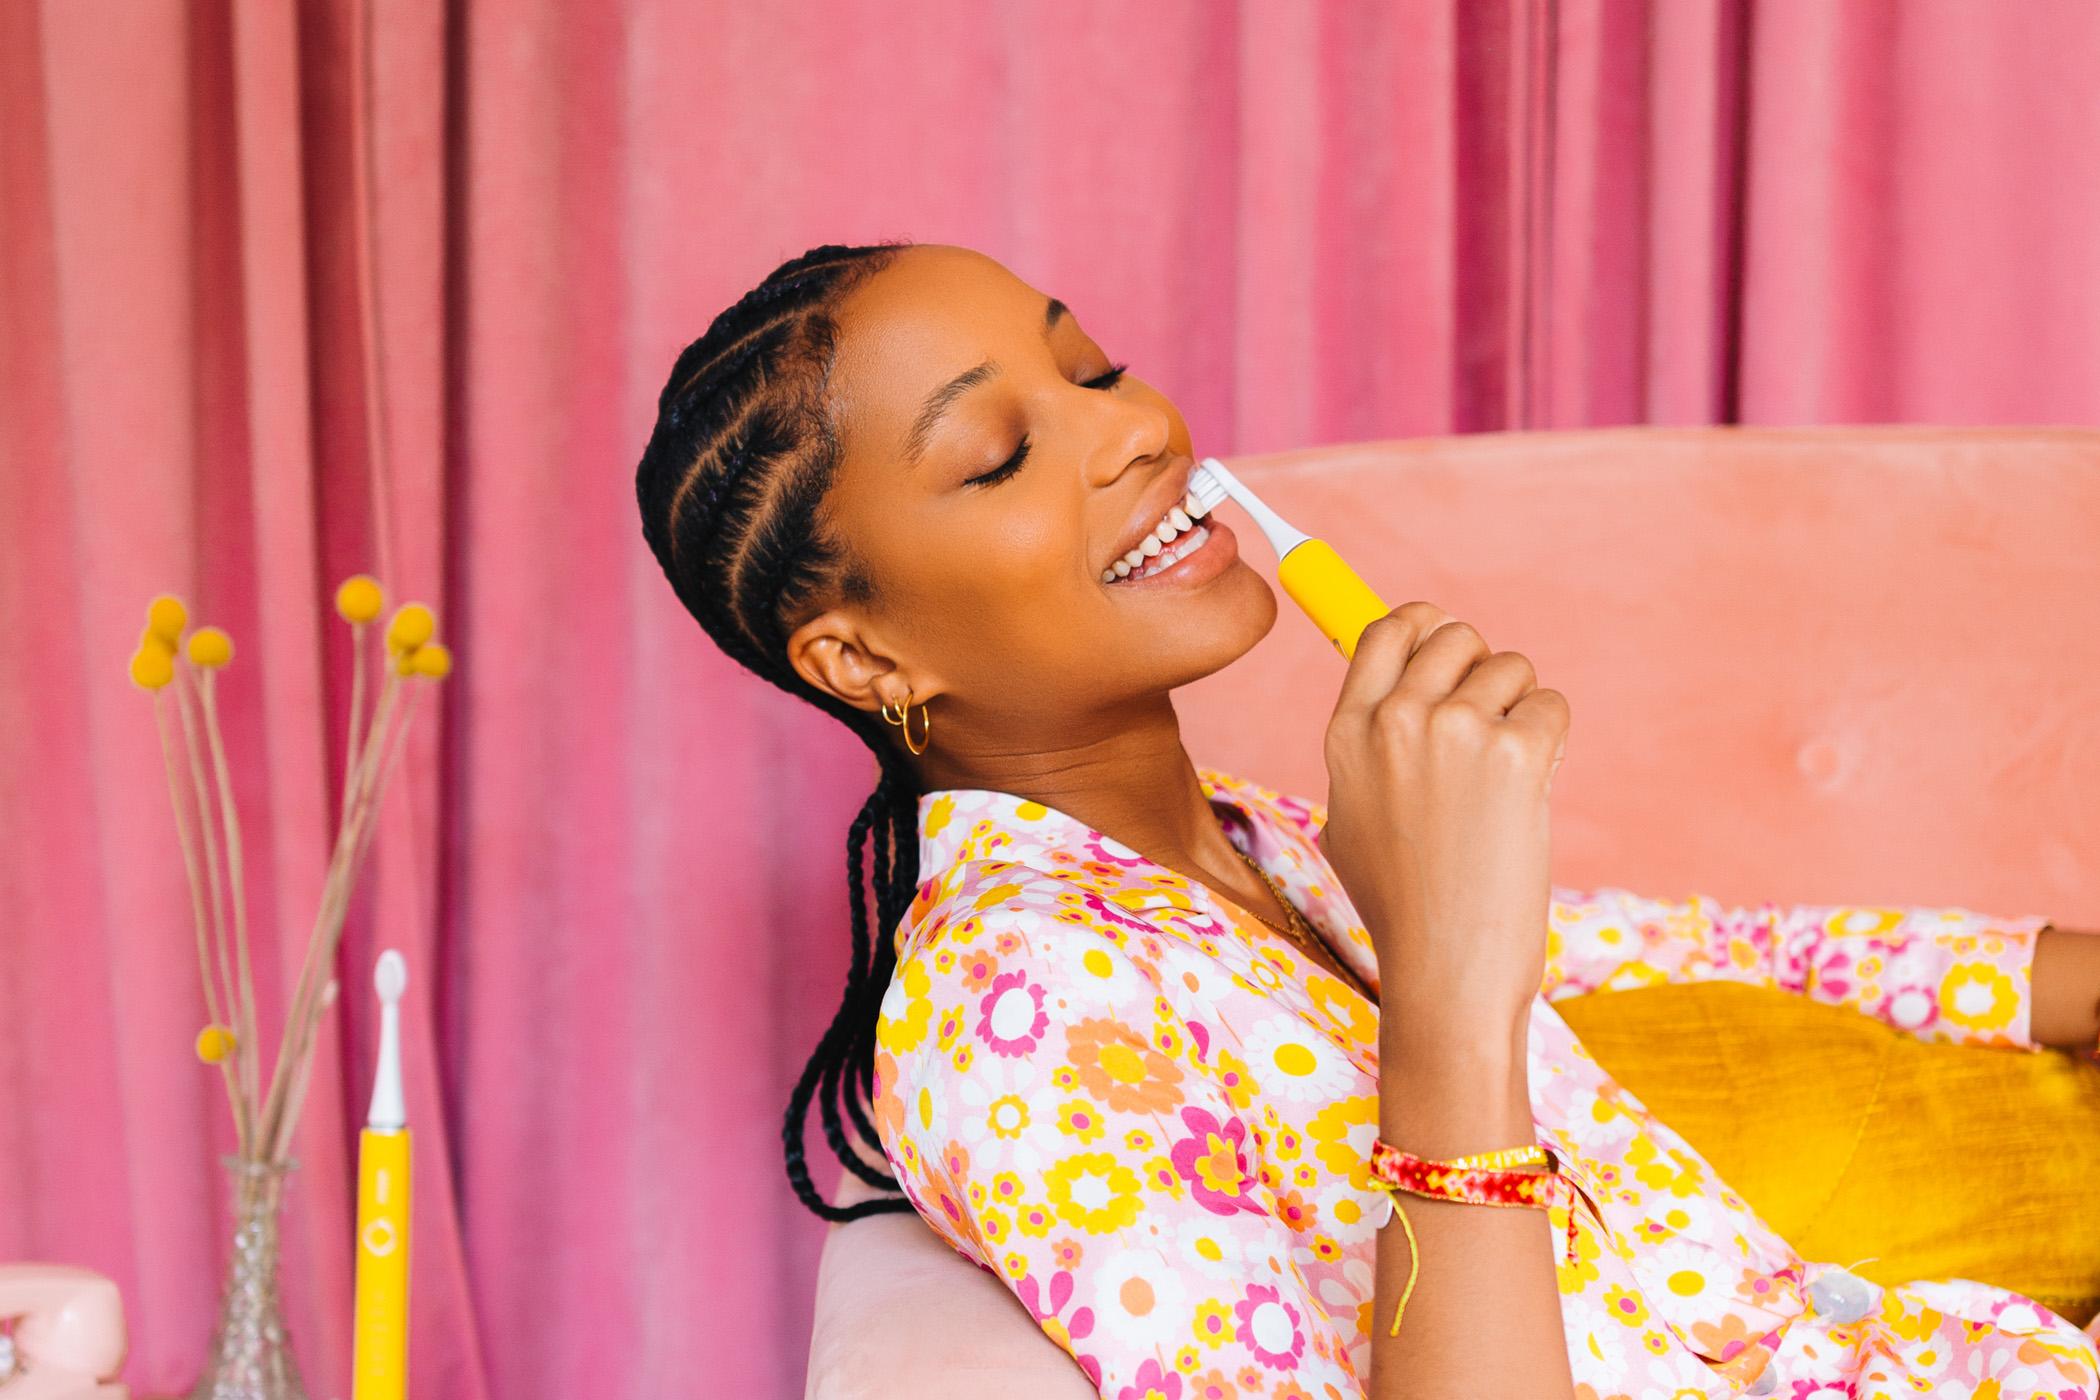 yellow bruush electric toothbrush teeth whitening